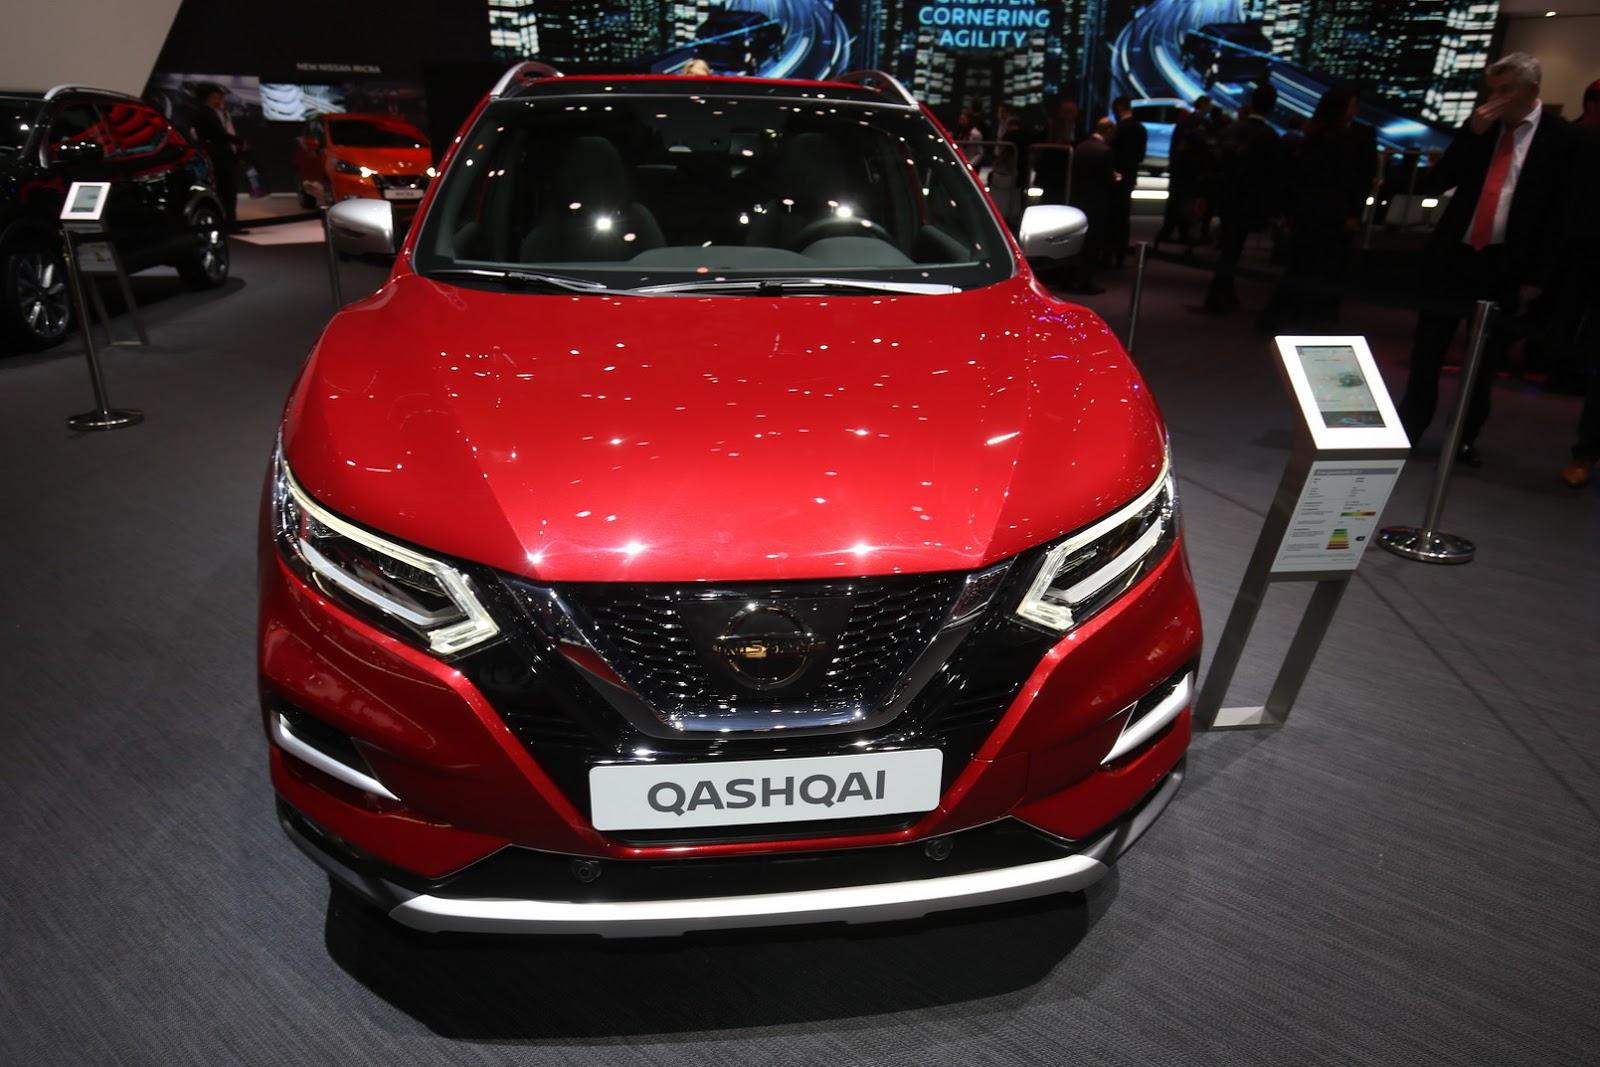 Nissan Qashqai рестайлинг — фотогалерея